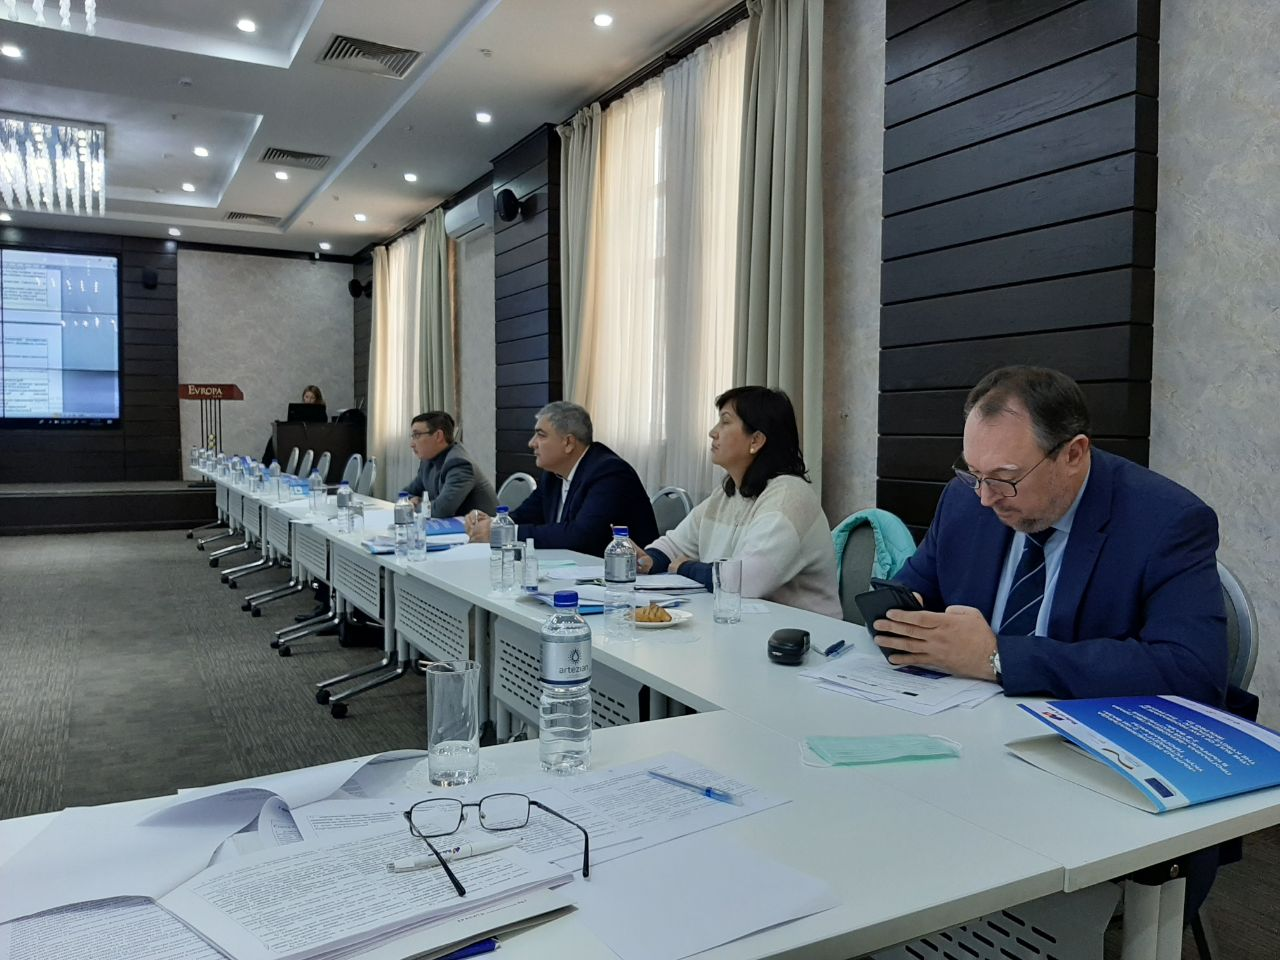 Проект закона о внесении изменений в Закон «Об Адвокатуре Кыргызской Республики и адвокатской деятельности» обсудили на круглом столе в Бишкеке